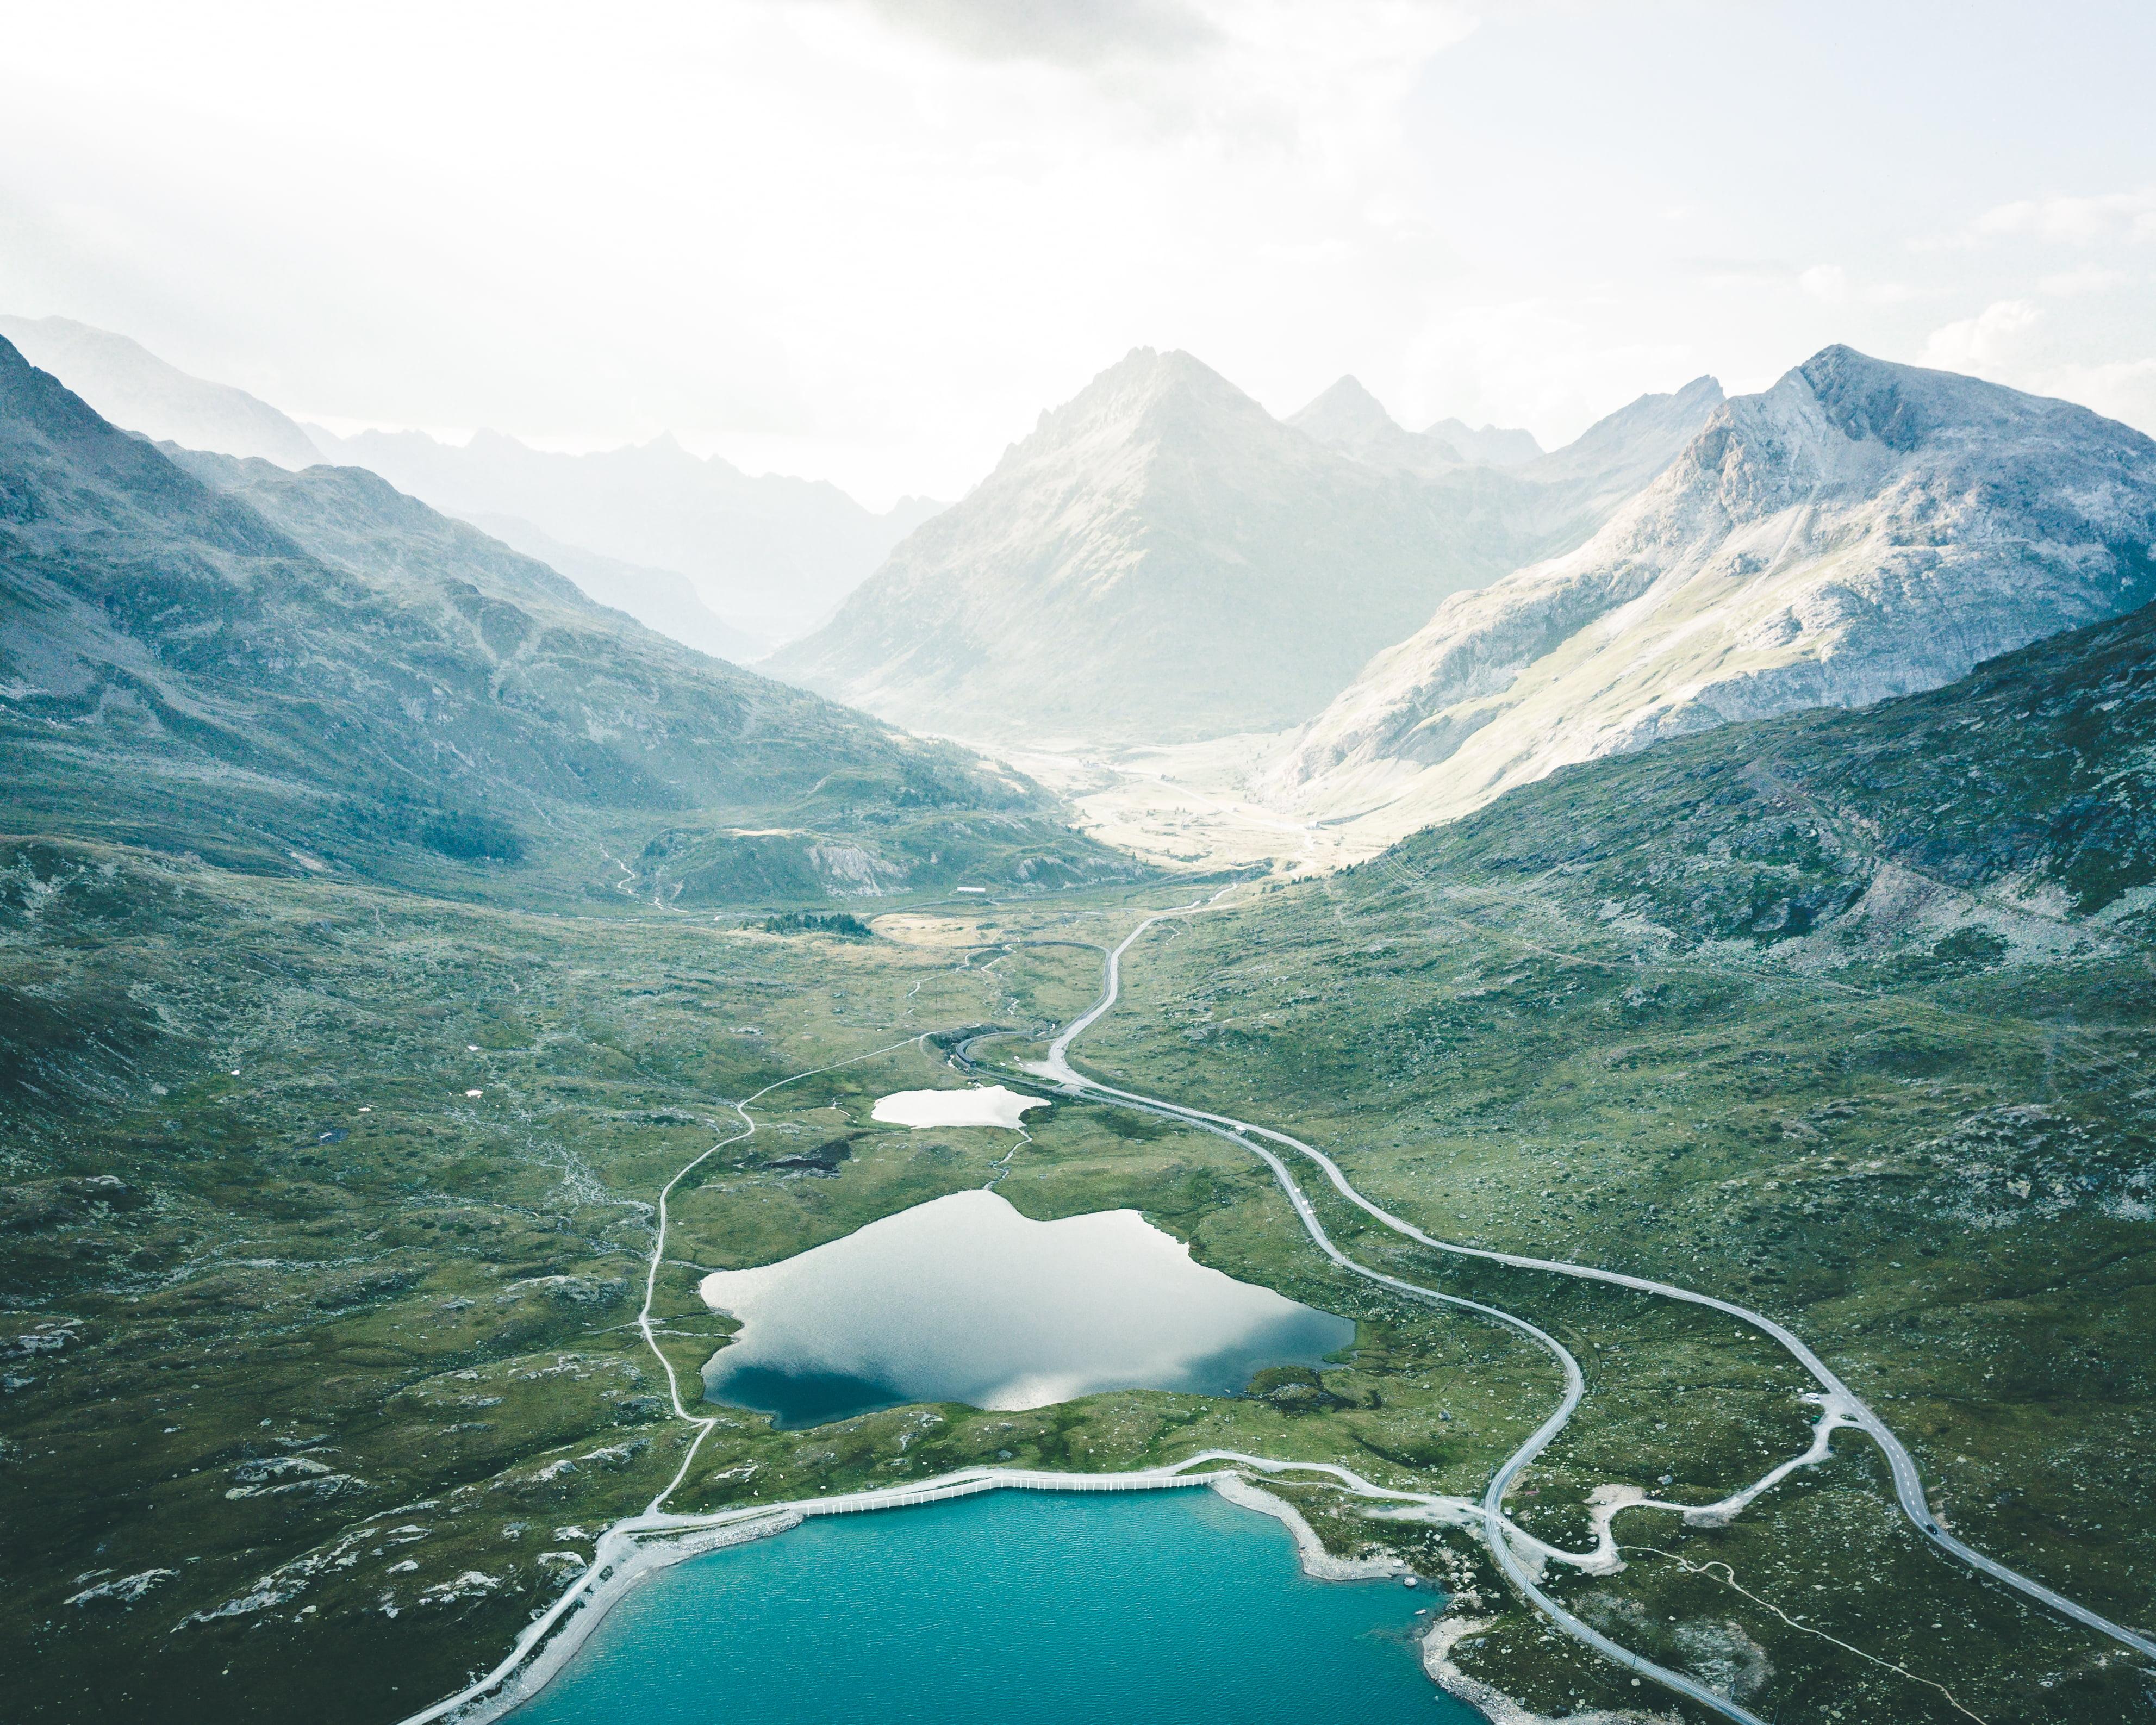 Lai Nair - Berninapass